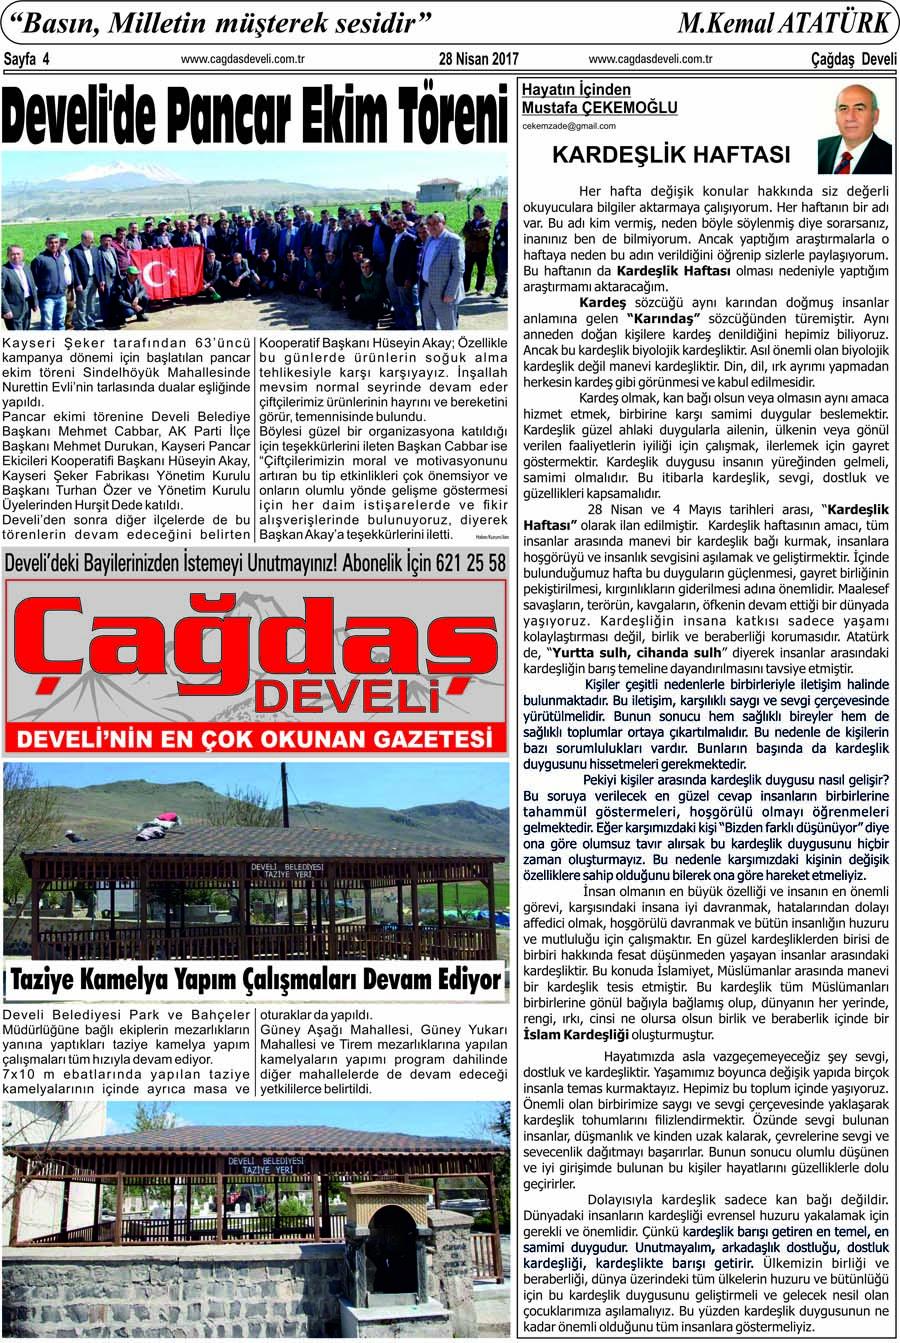 Çağdaş Develi Gazetesi, 28 Nisan 2017, Sayfa 4